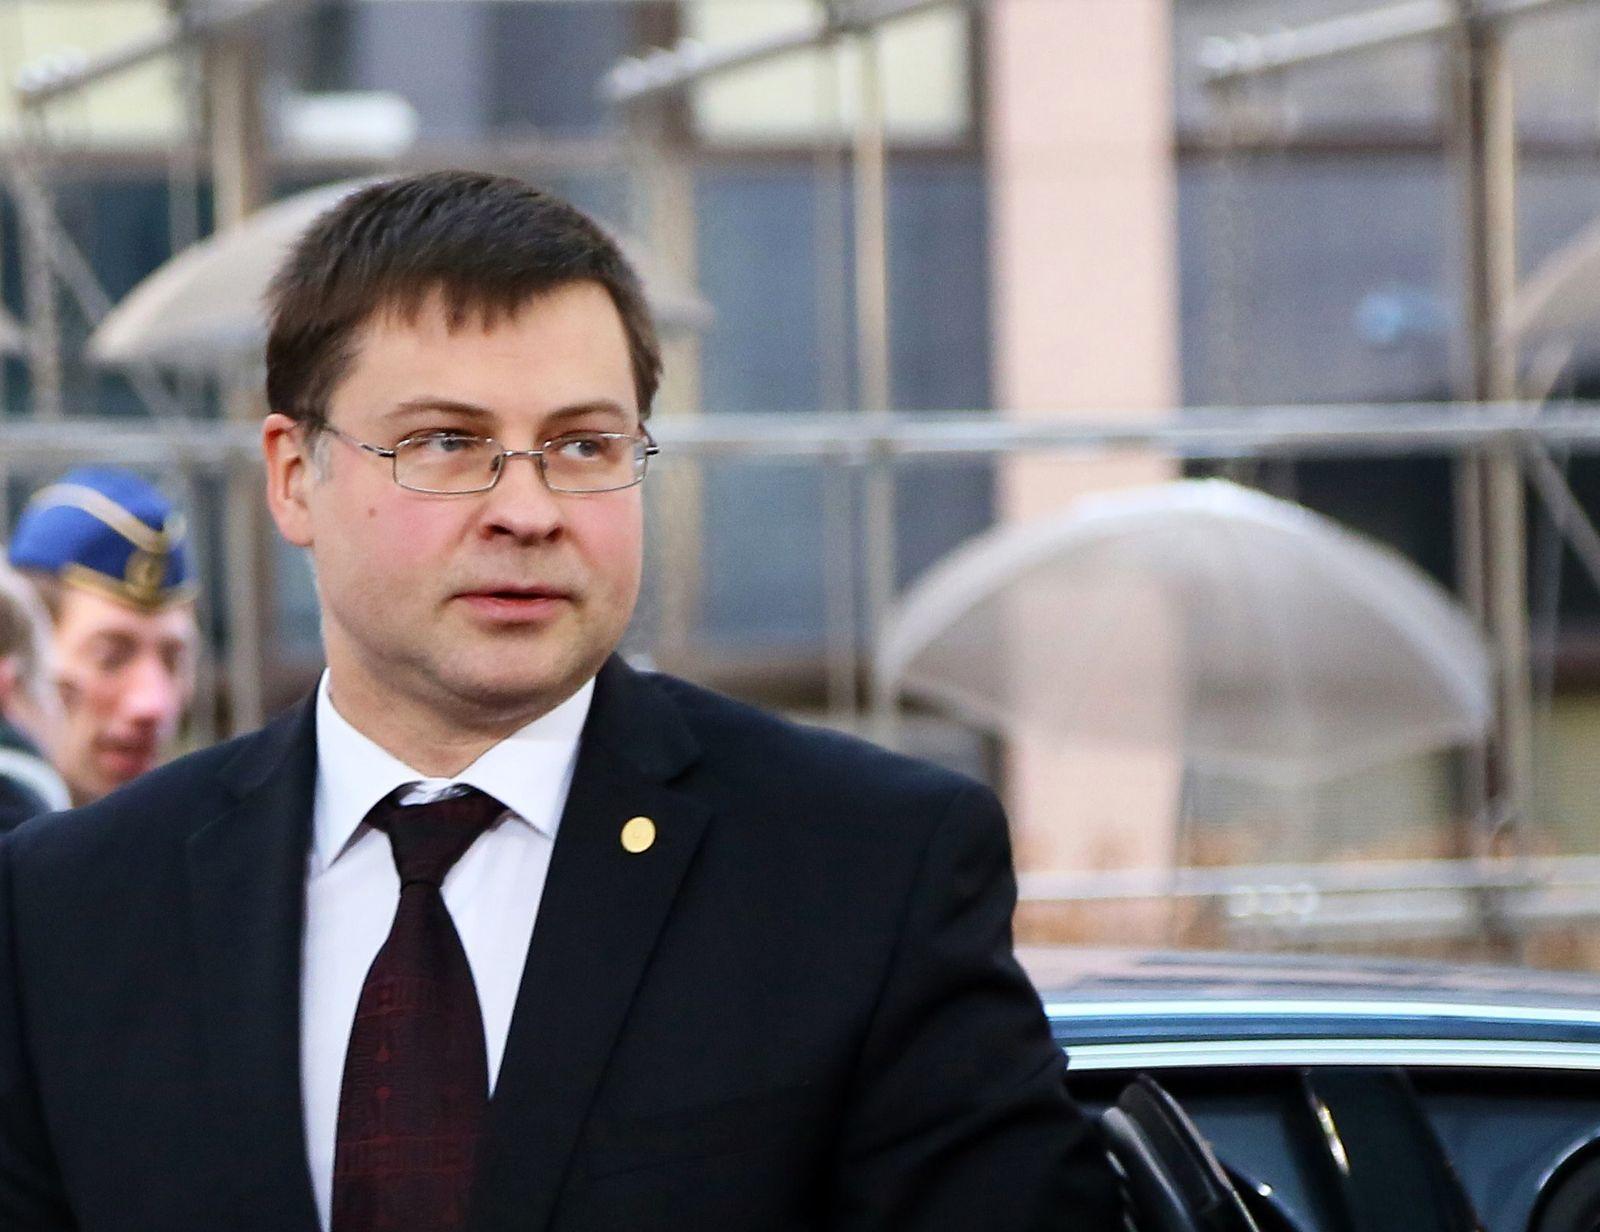 Valdis Dombrovskis / lettischer Premierminister